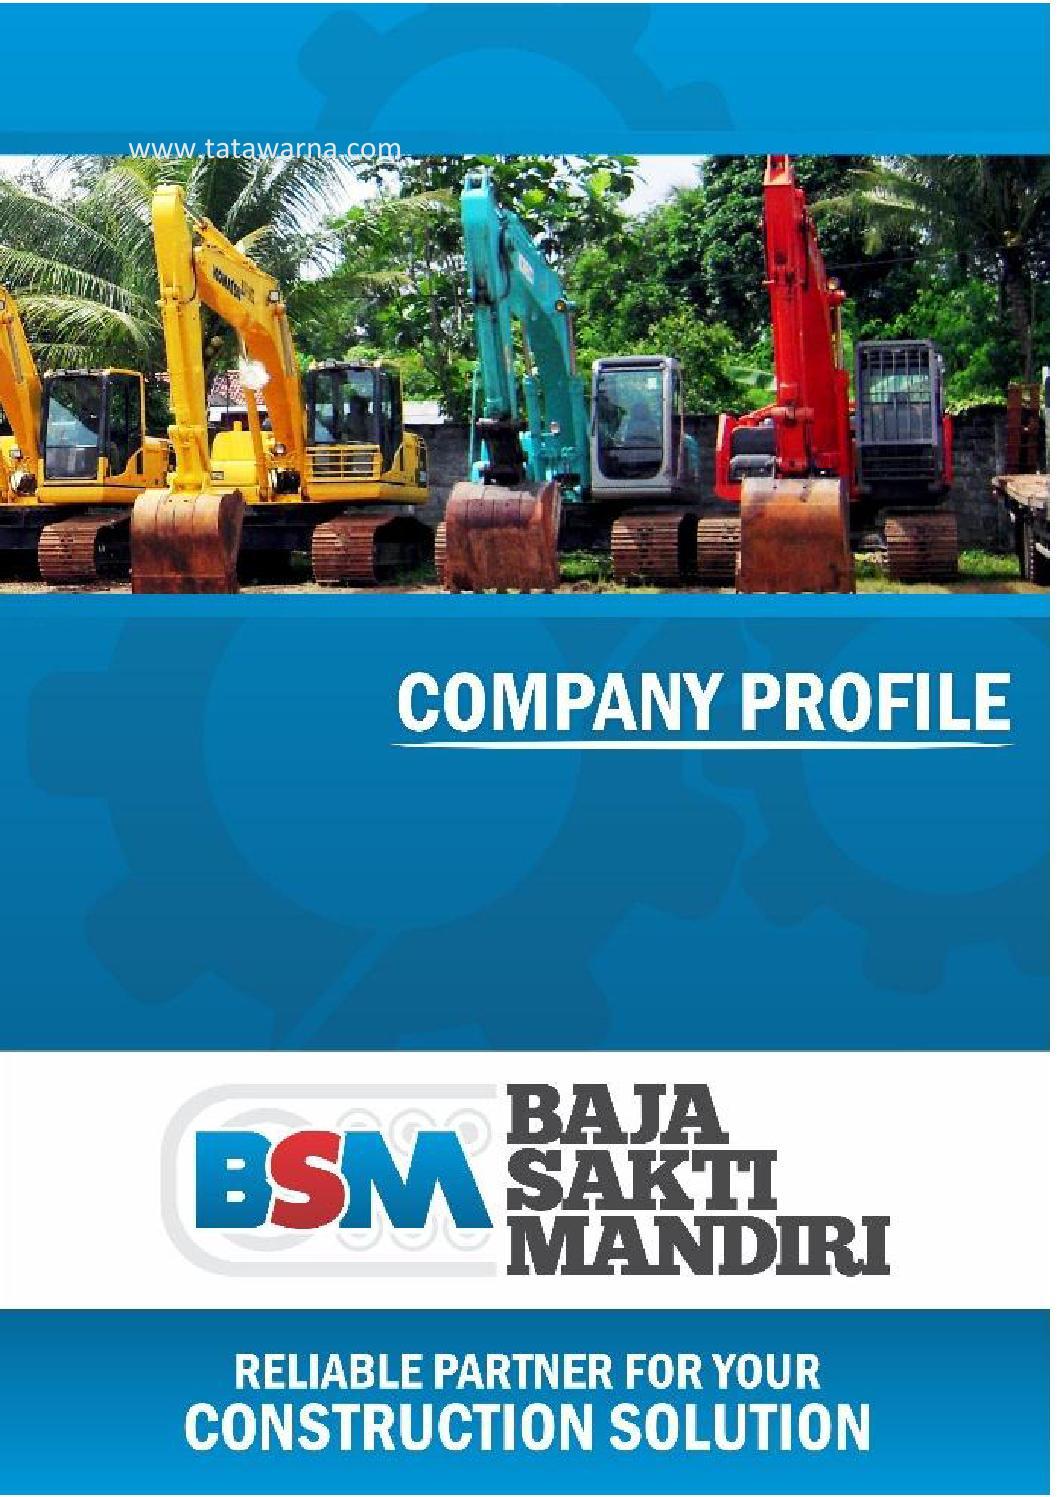 Contoh Company Profile Kontraktor : contoh, company, profile, kontraktor, Contoh, Desain, Company, Profile, Perusahaan, Persewaan, Berat, Kontraktor, Warna, Issuu